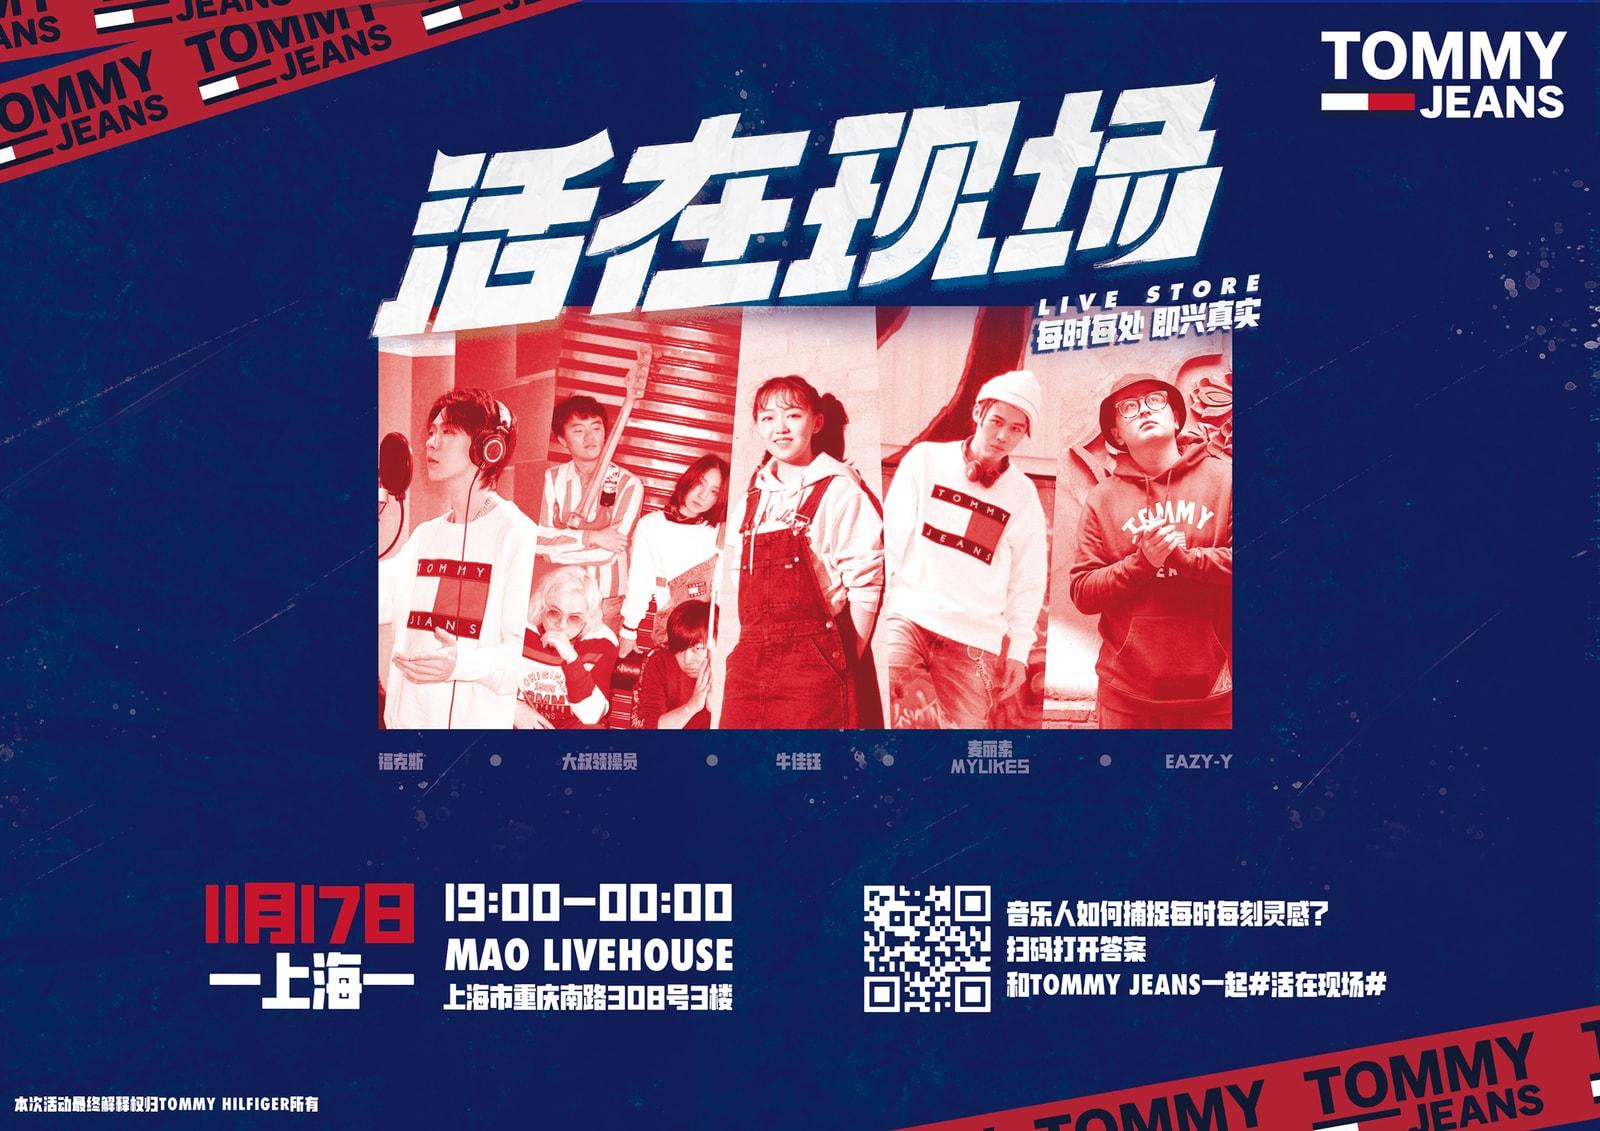 用两场深圳和上海的 Live 演出,和 Tommy Jeans 一起 #活在现场#